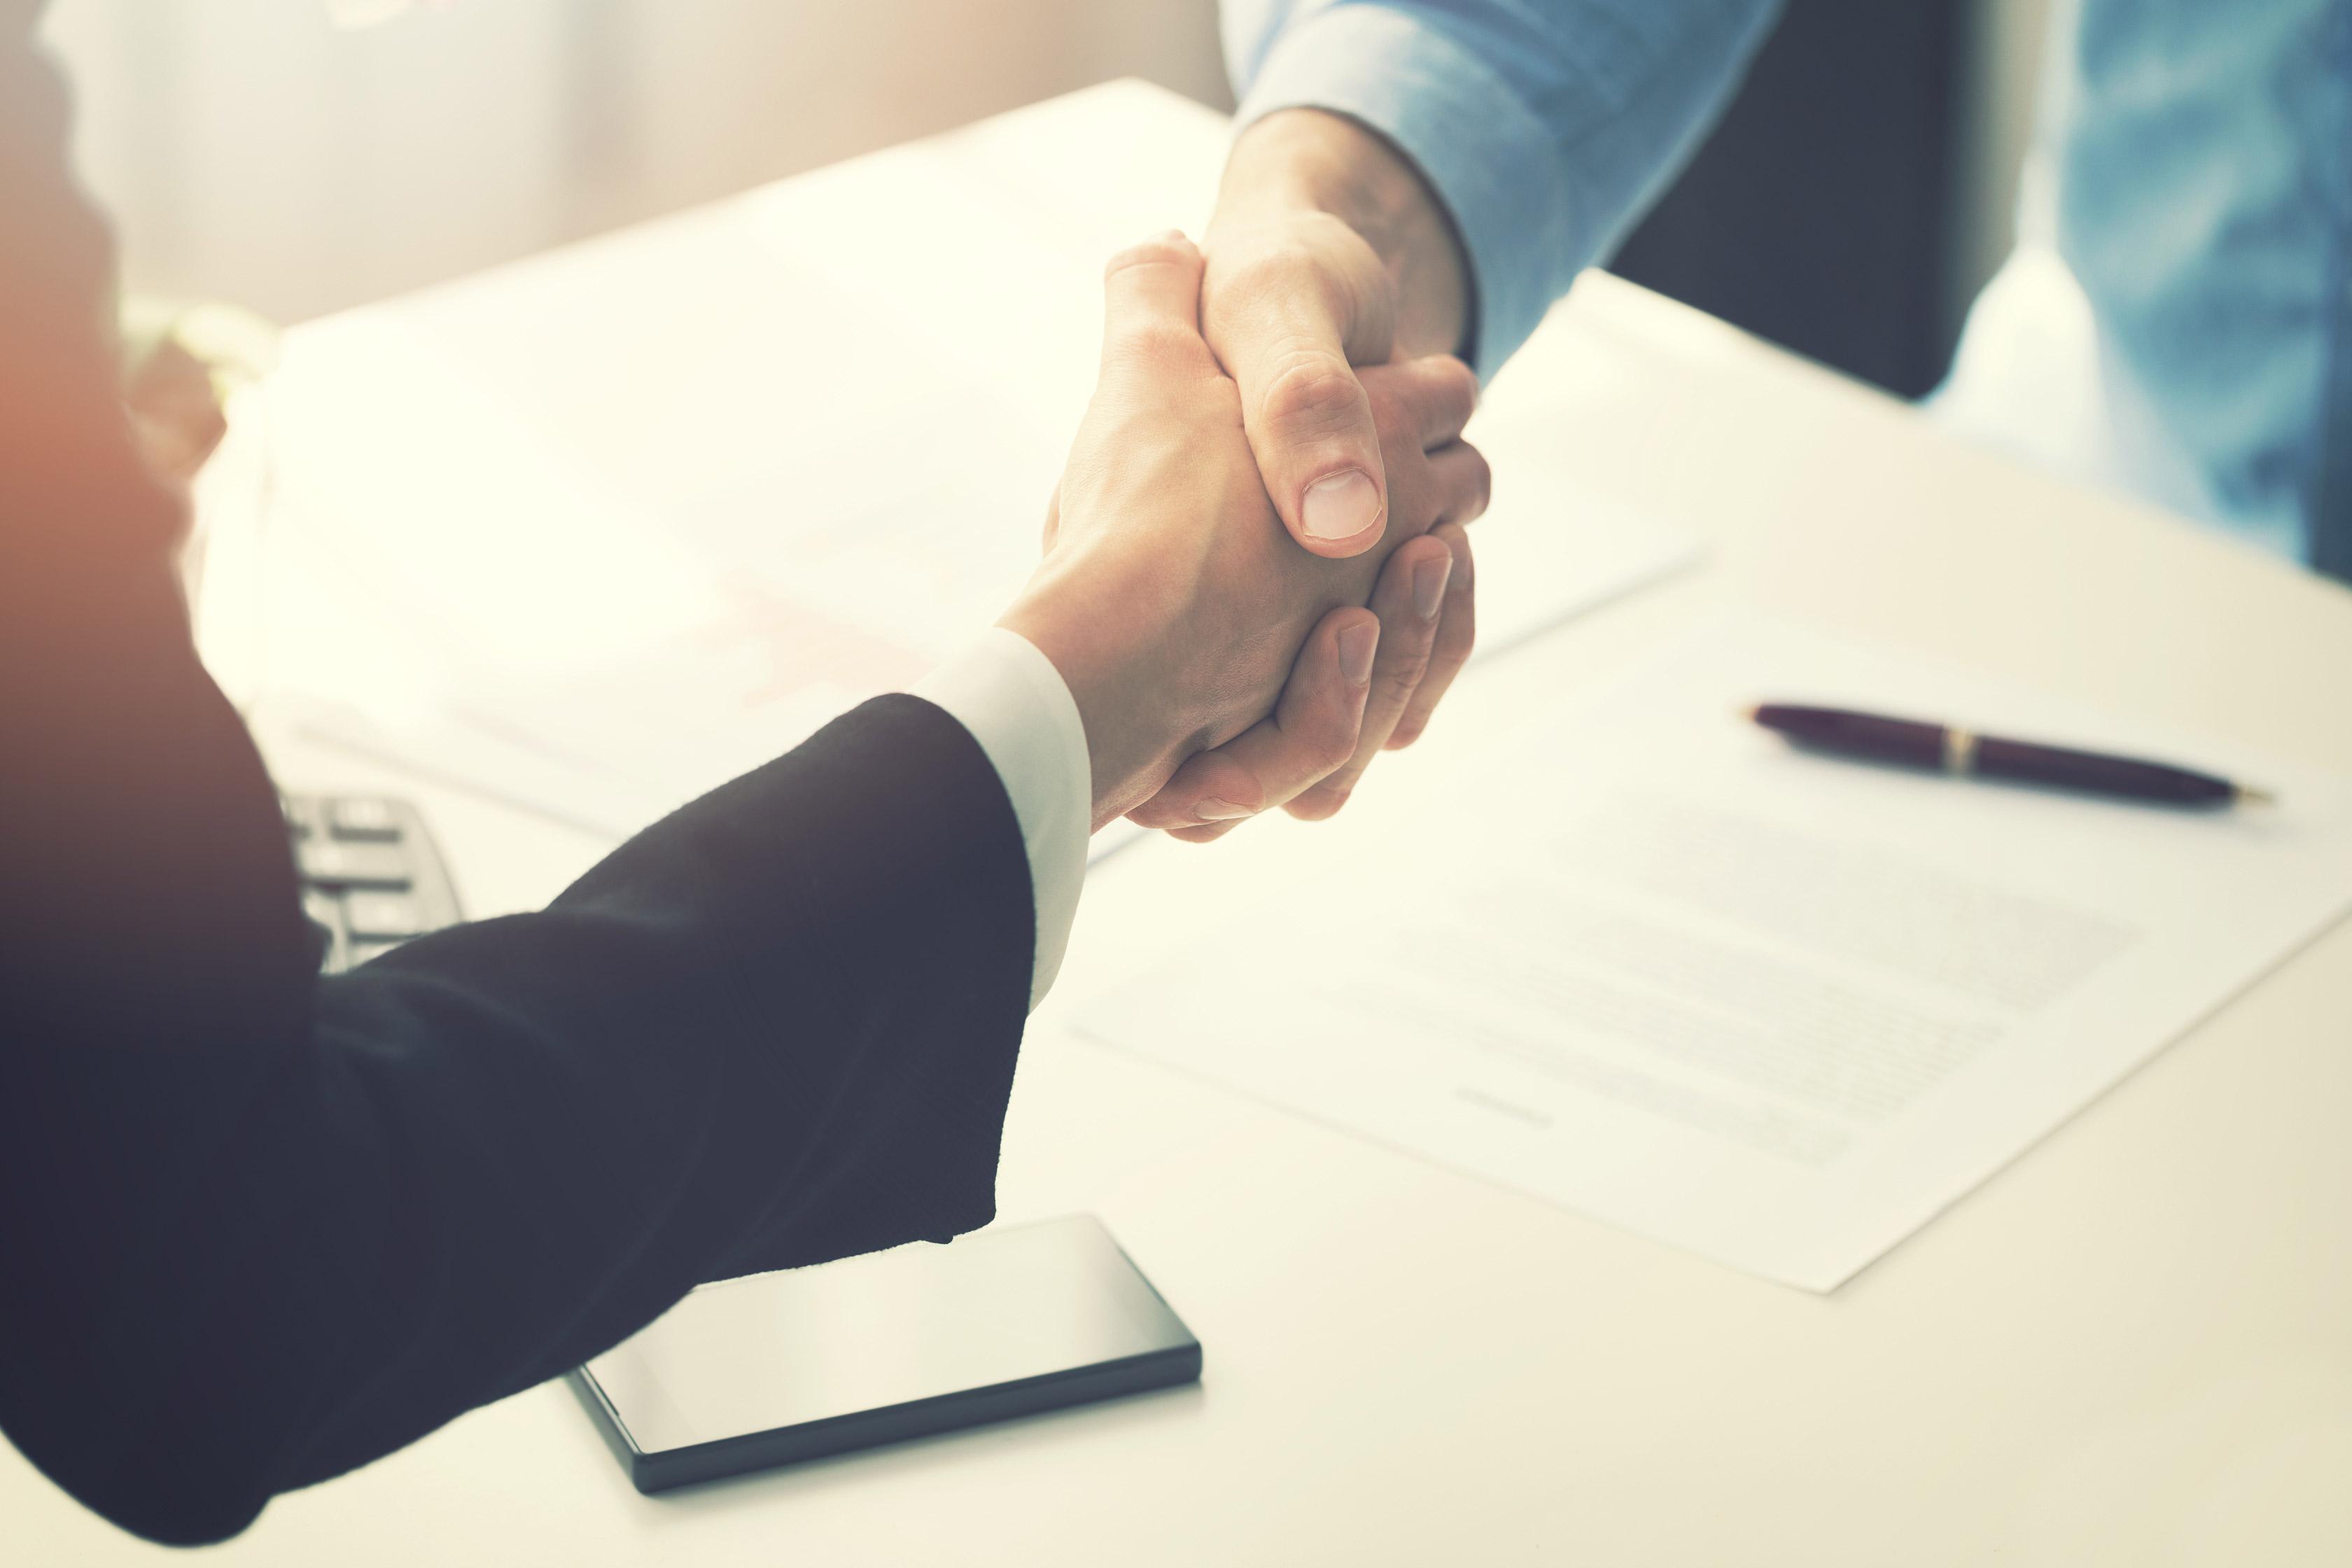 Vendor Risk Management: Managing Contractual Obligations